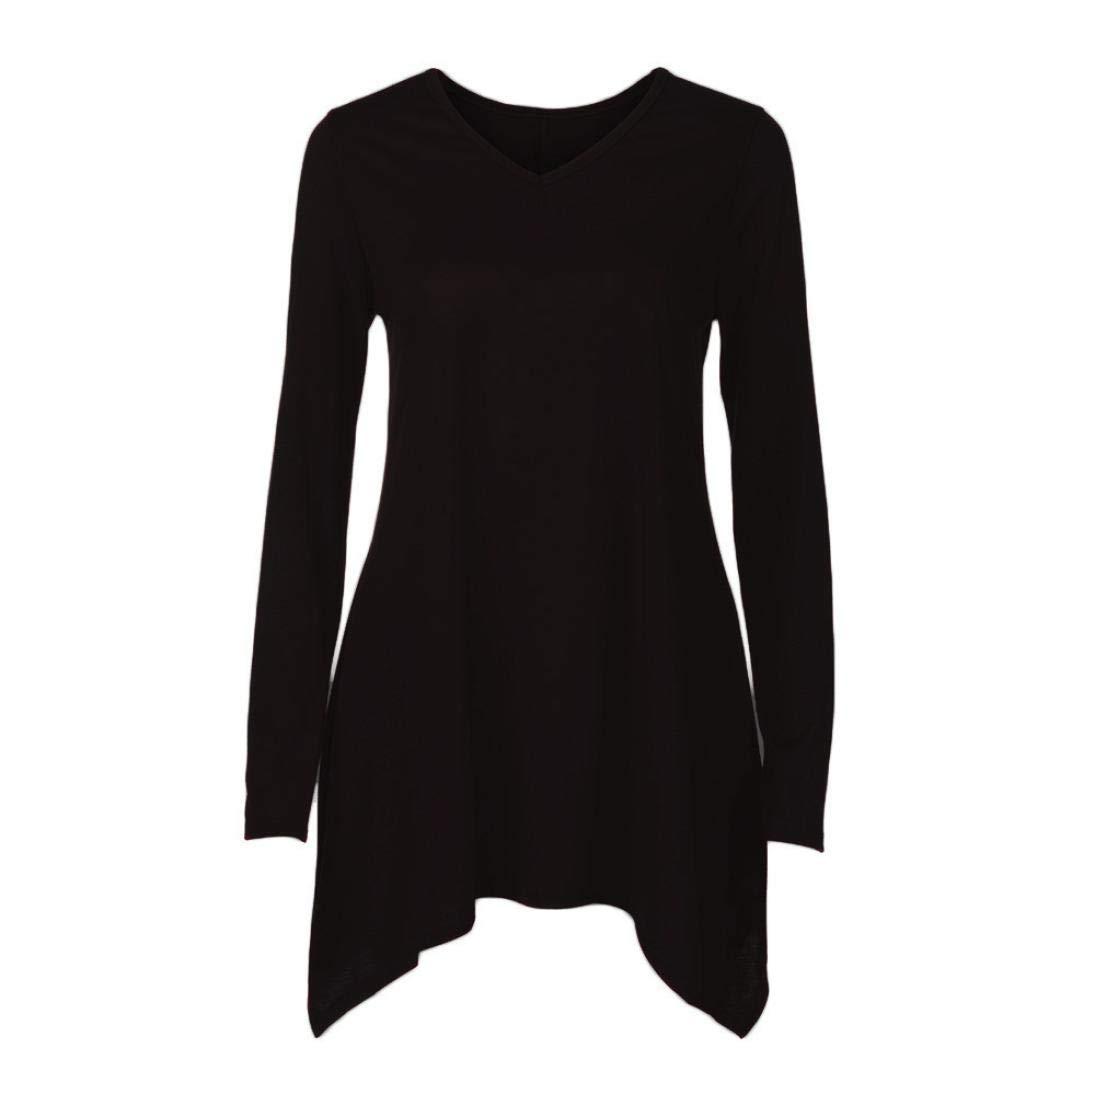 MEIbax Pullover Donna Lungo Moda/Maglietta Donna Elegante/Bluse e Camicie Donna Taglie Forti a Manica Lunga/Camicia e Top Scollo a V/Camicetta di Colore Puro